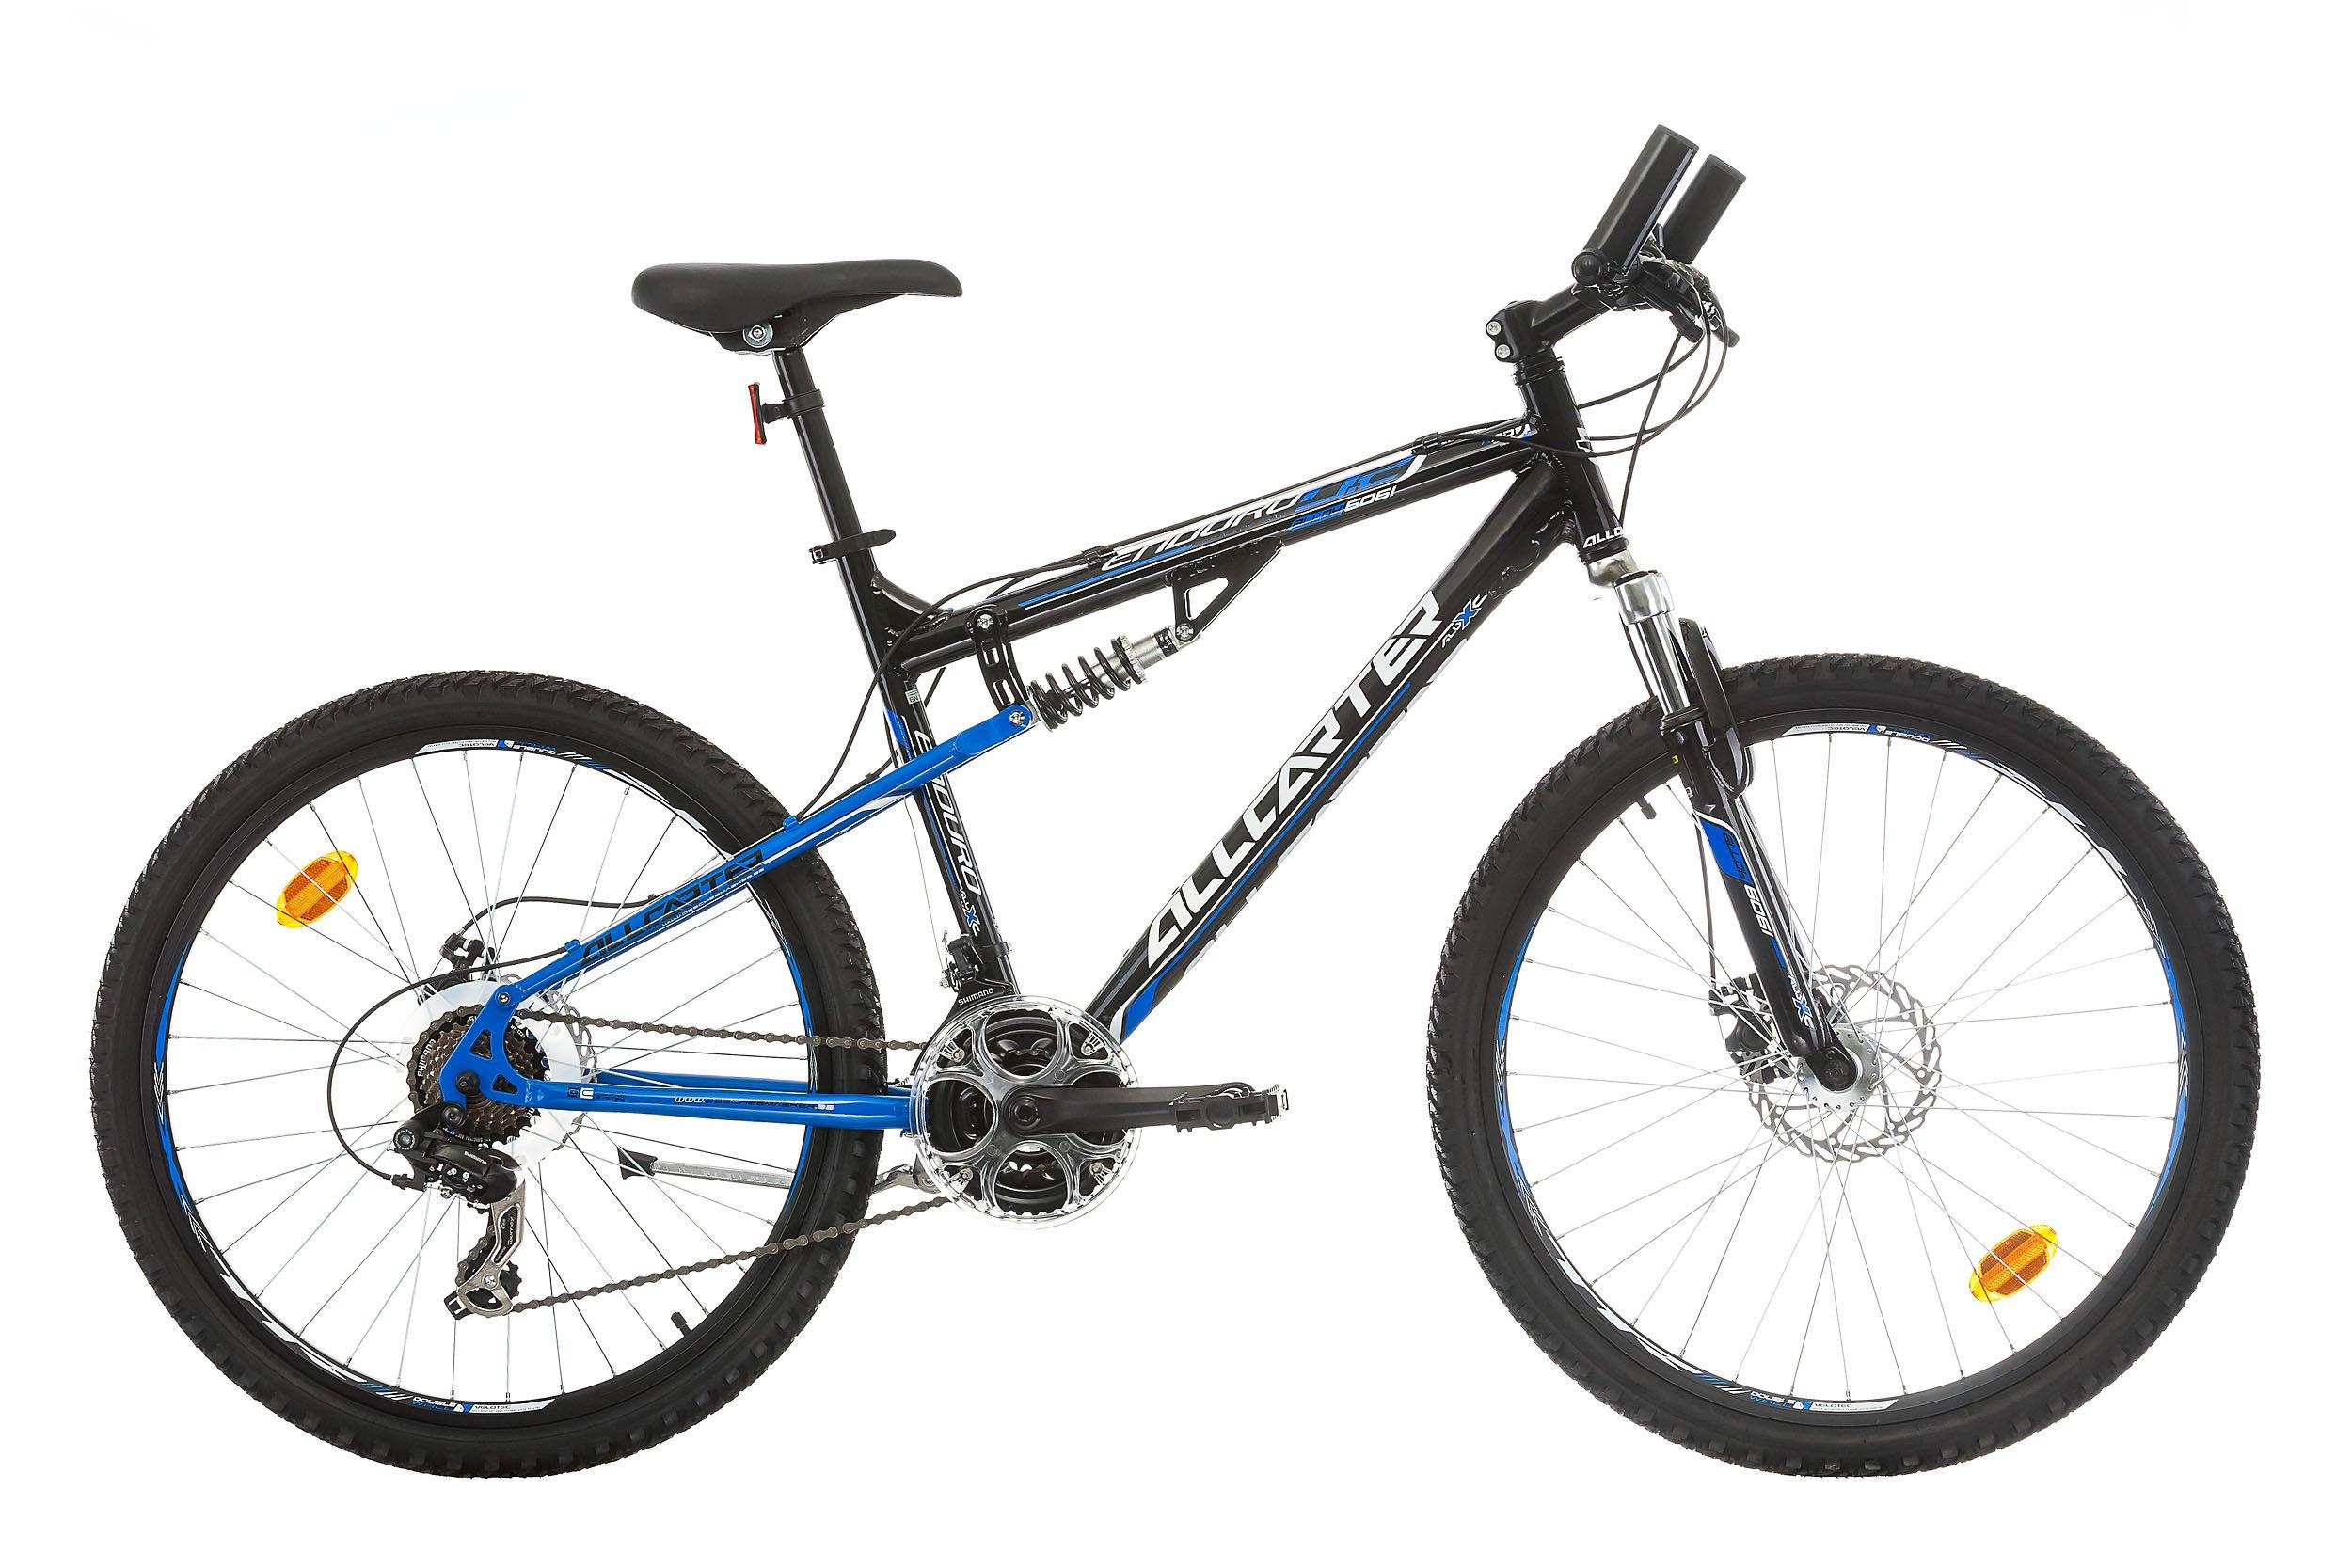 Allcarter ENDURO Bicicleta de montaña con doble suspensión, Tamaño ...